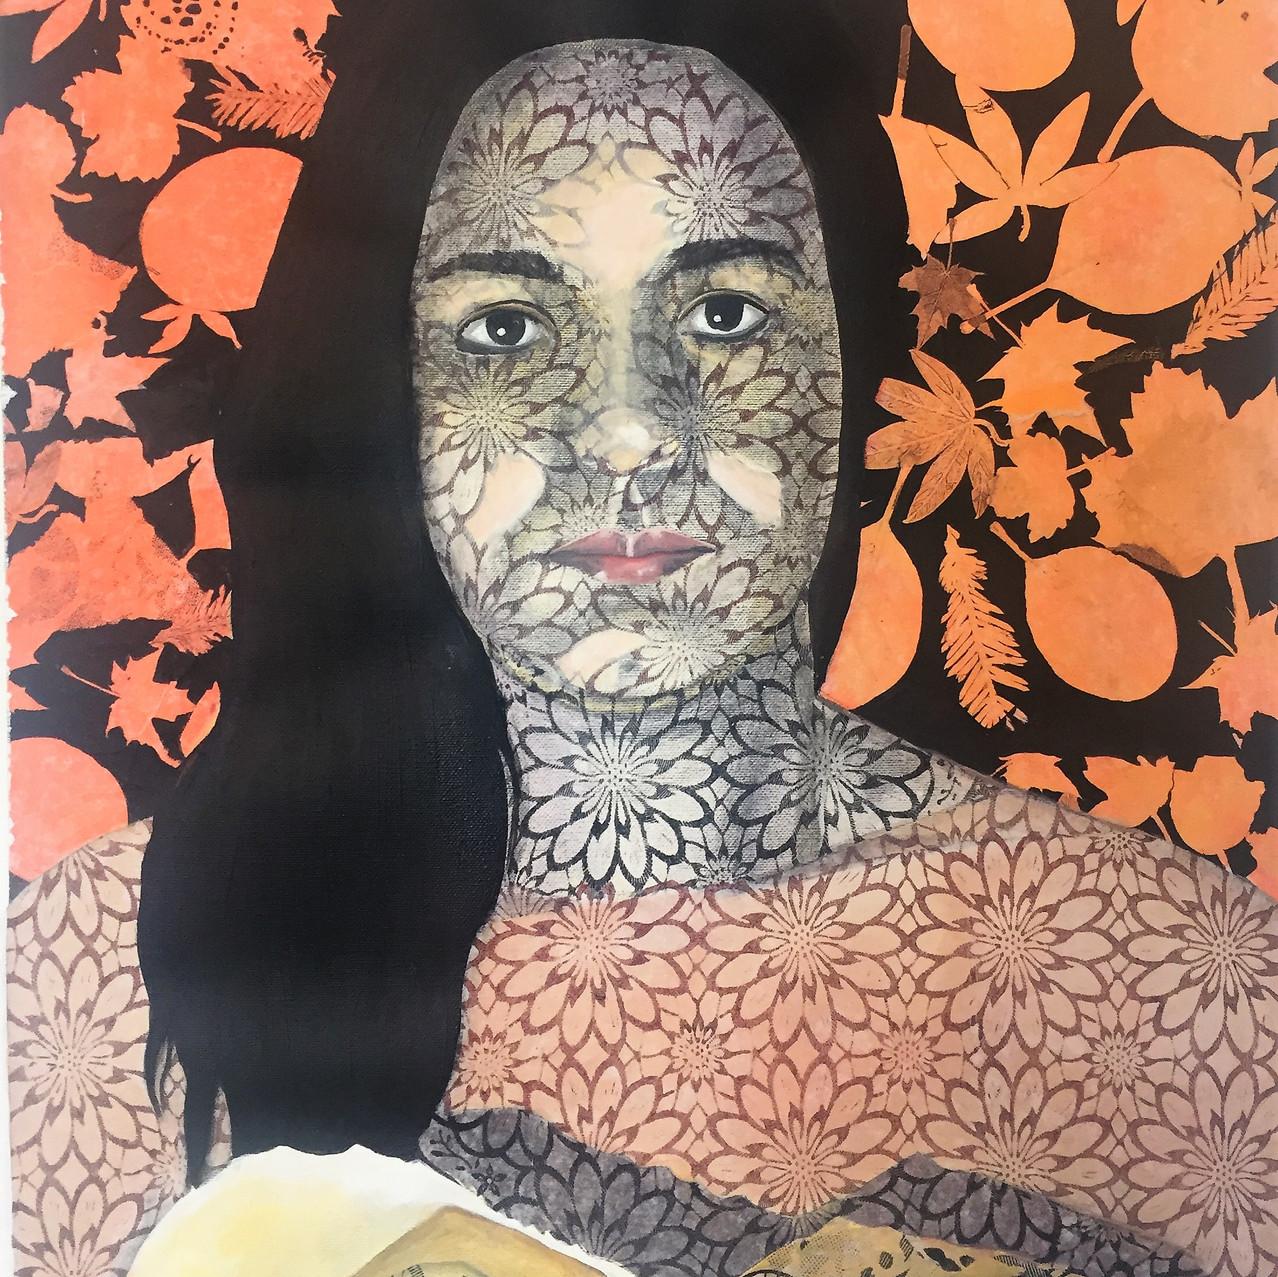 Rahma Naili, « Métamorphose », Paris 2019, techniques mixtes sur toile, 53*47cm.